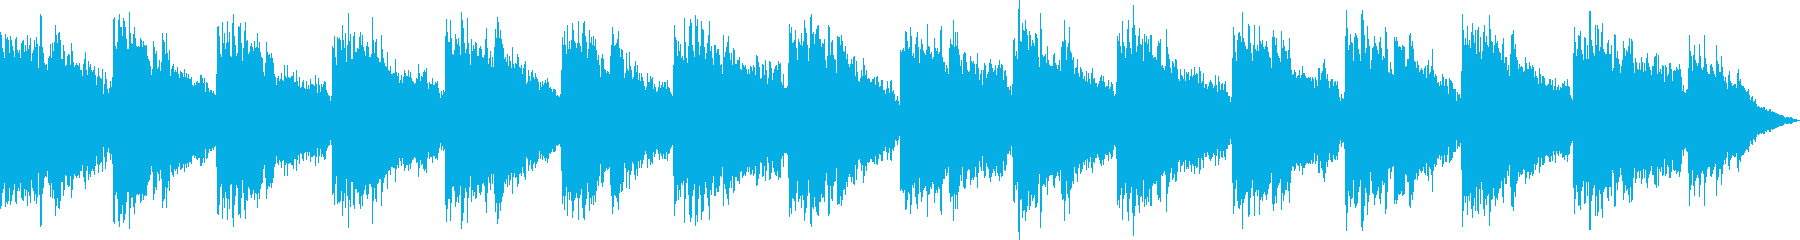 ファンタジーRPGで使えるBGMの再生済みの波形